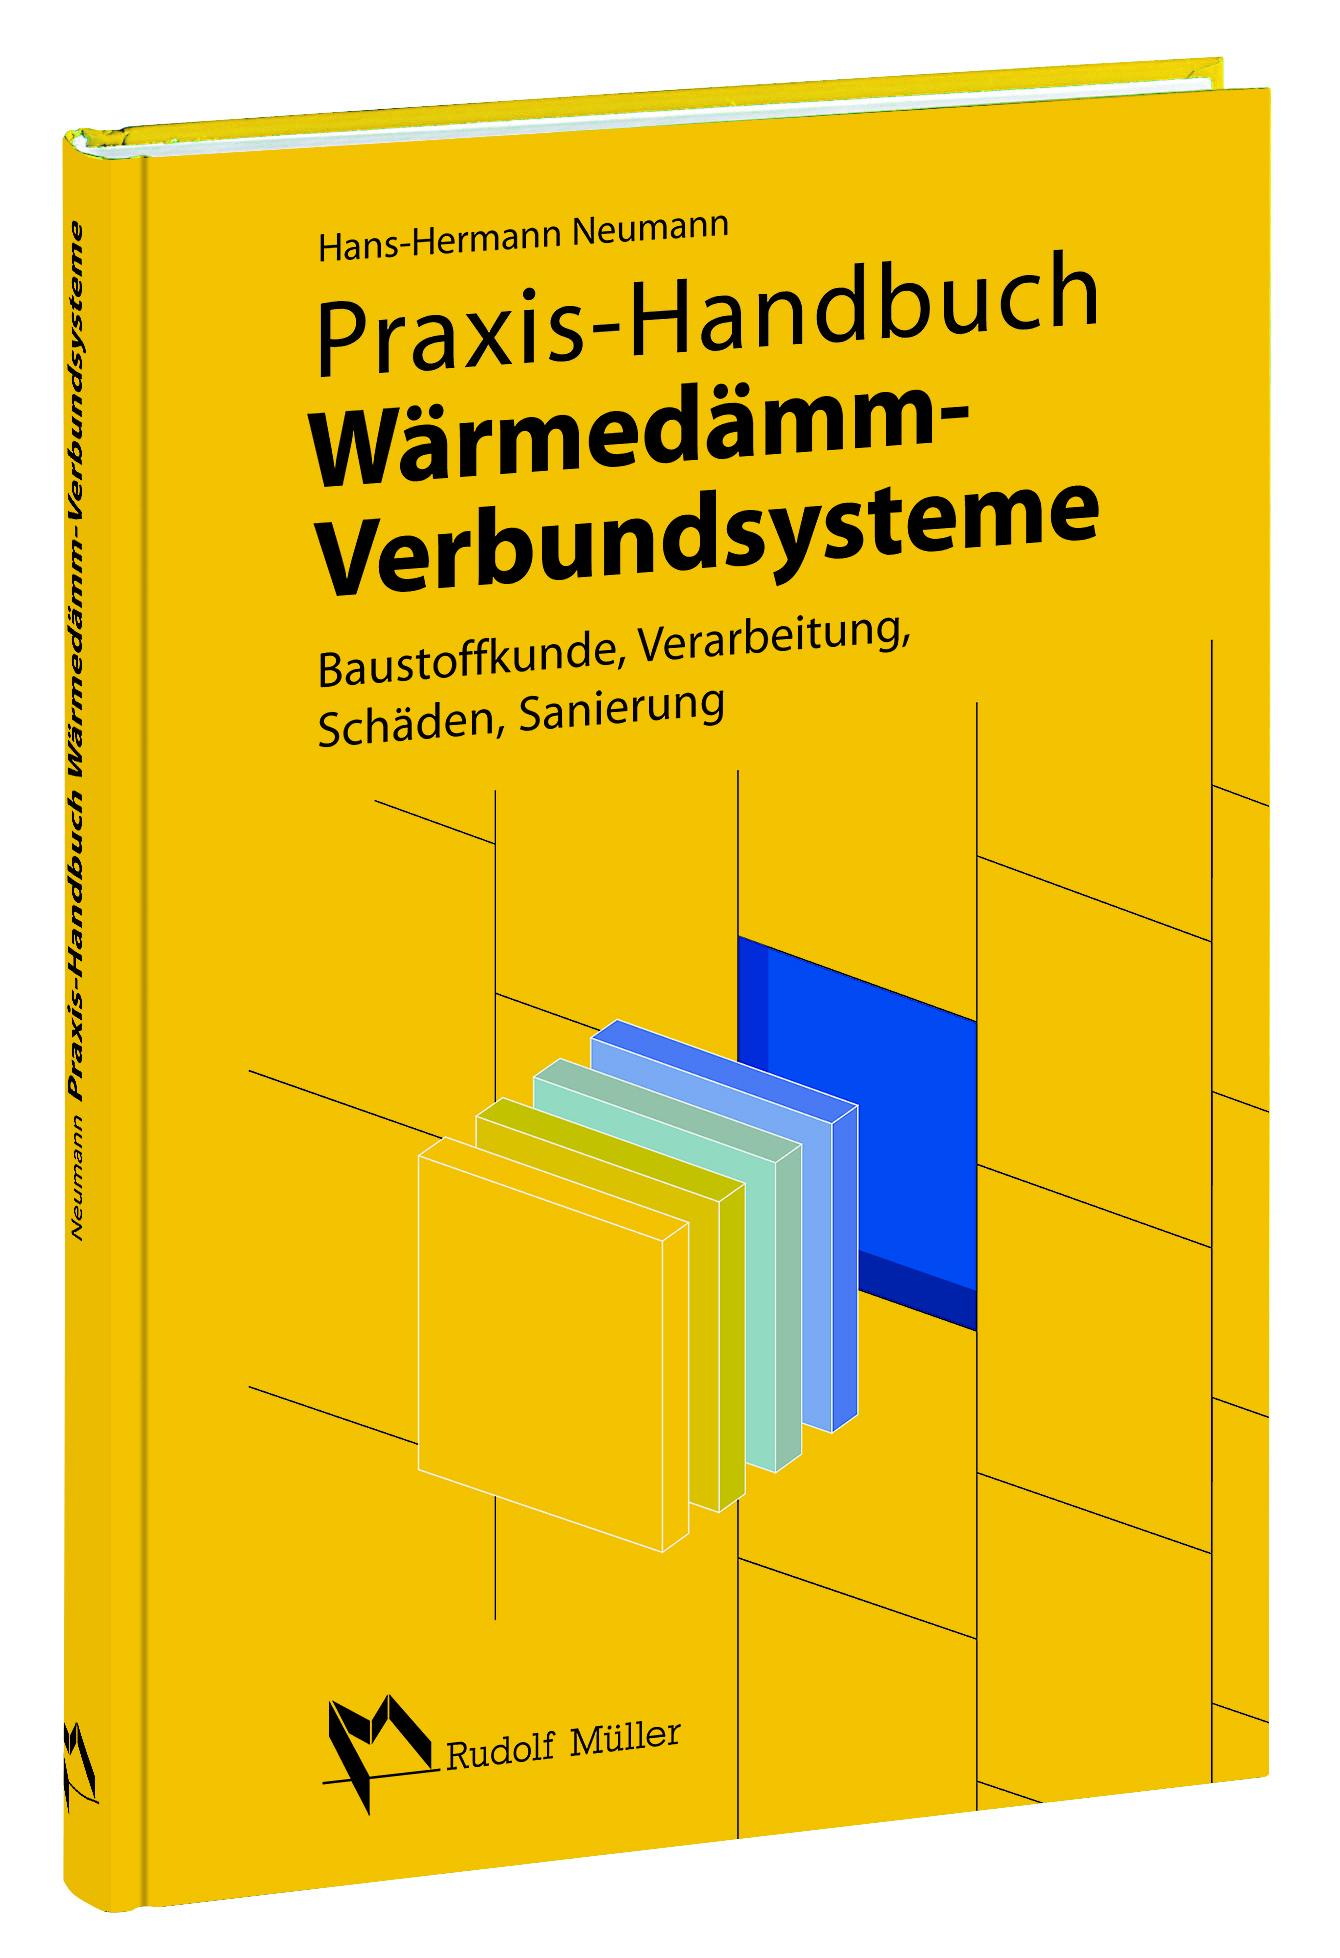 Hans-Hermann Neumann / Praxis-Handbuch Wärmedämmverbundsyste ... 9783481021542